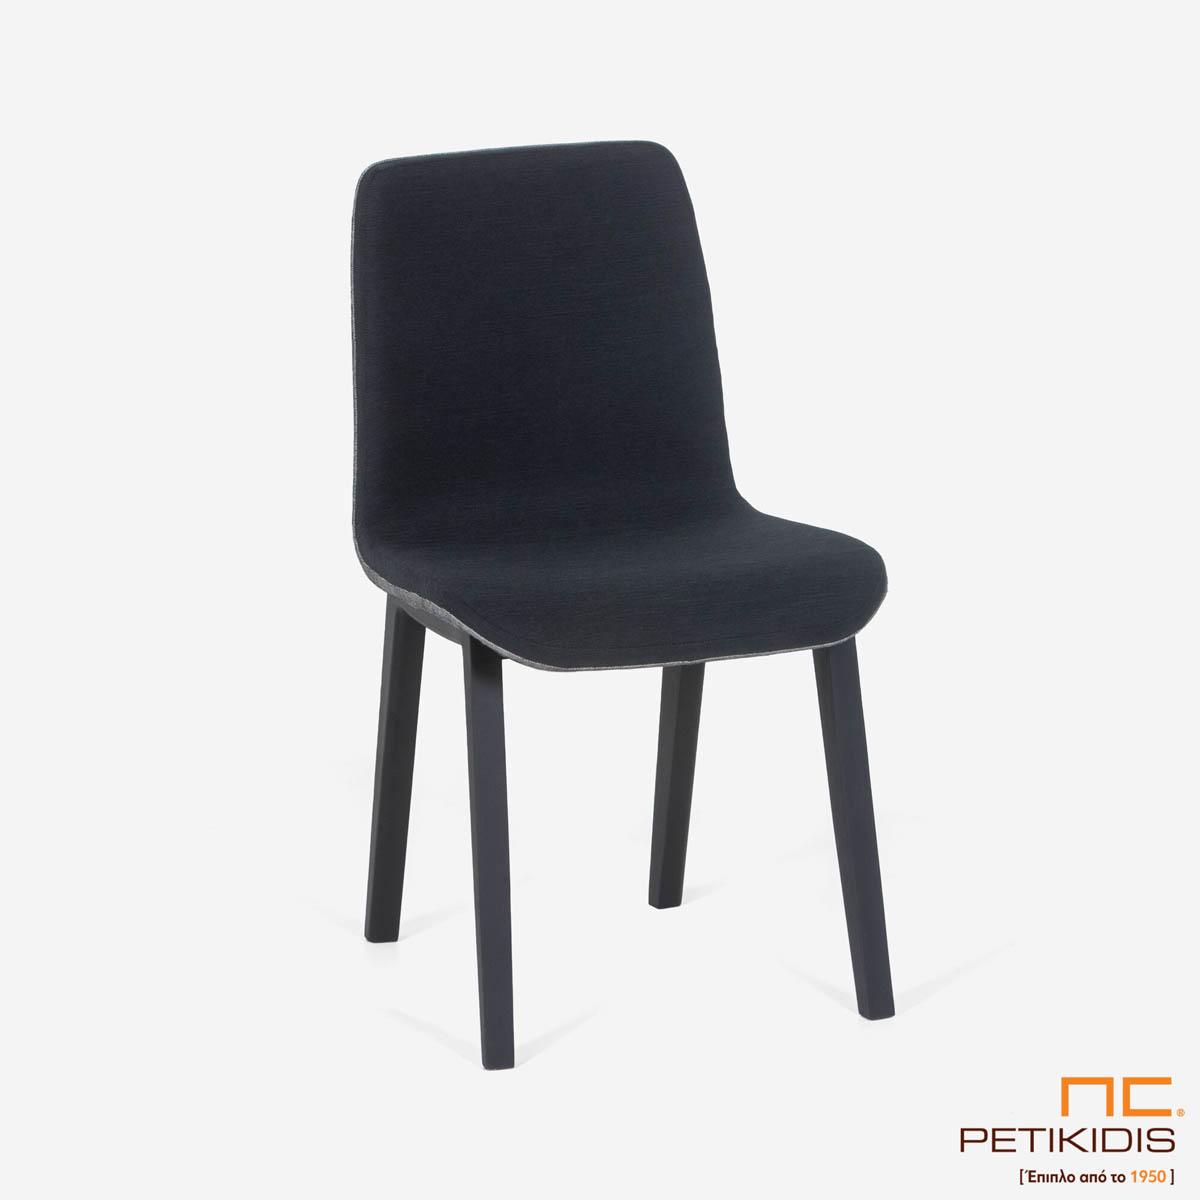 Καρέκλα Brace με ιδιαίτερο σχεδιασμό στον ξύλινο σκελετό και συνδυασμό δύο υφασμάτων σε γκρι ανοικτό και σκούρο στο κάθισμα.